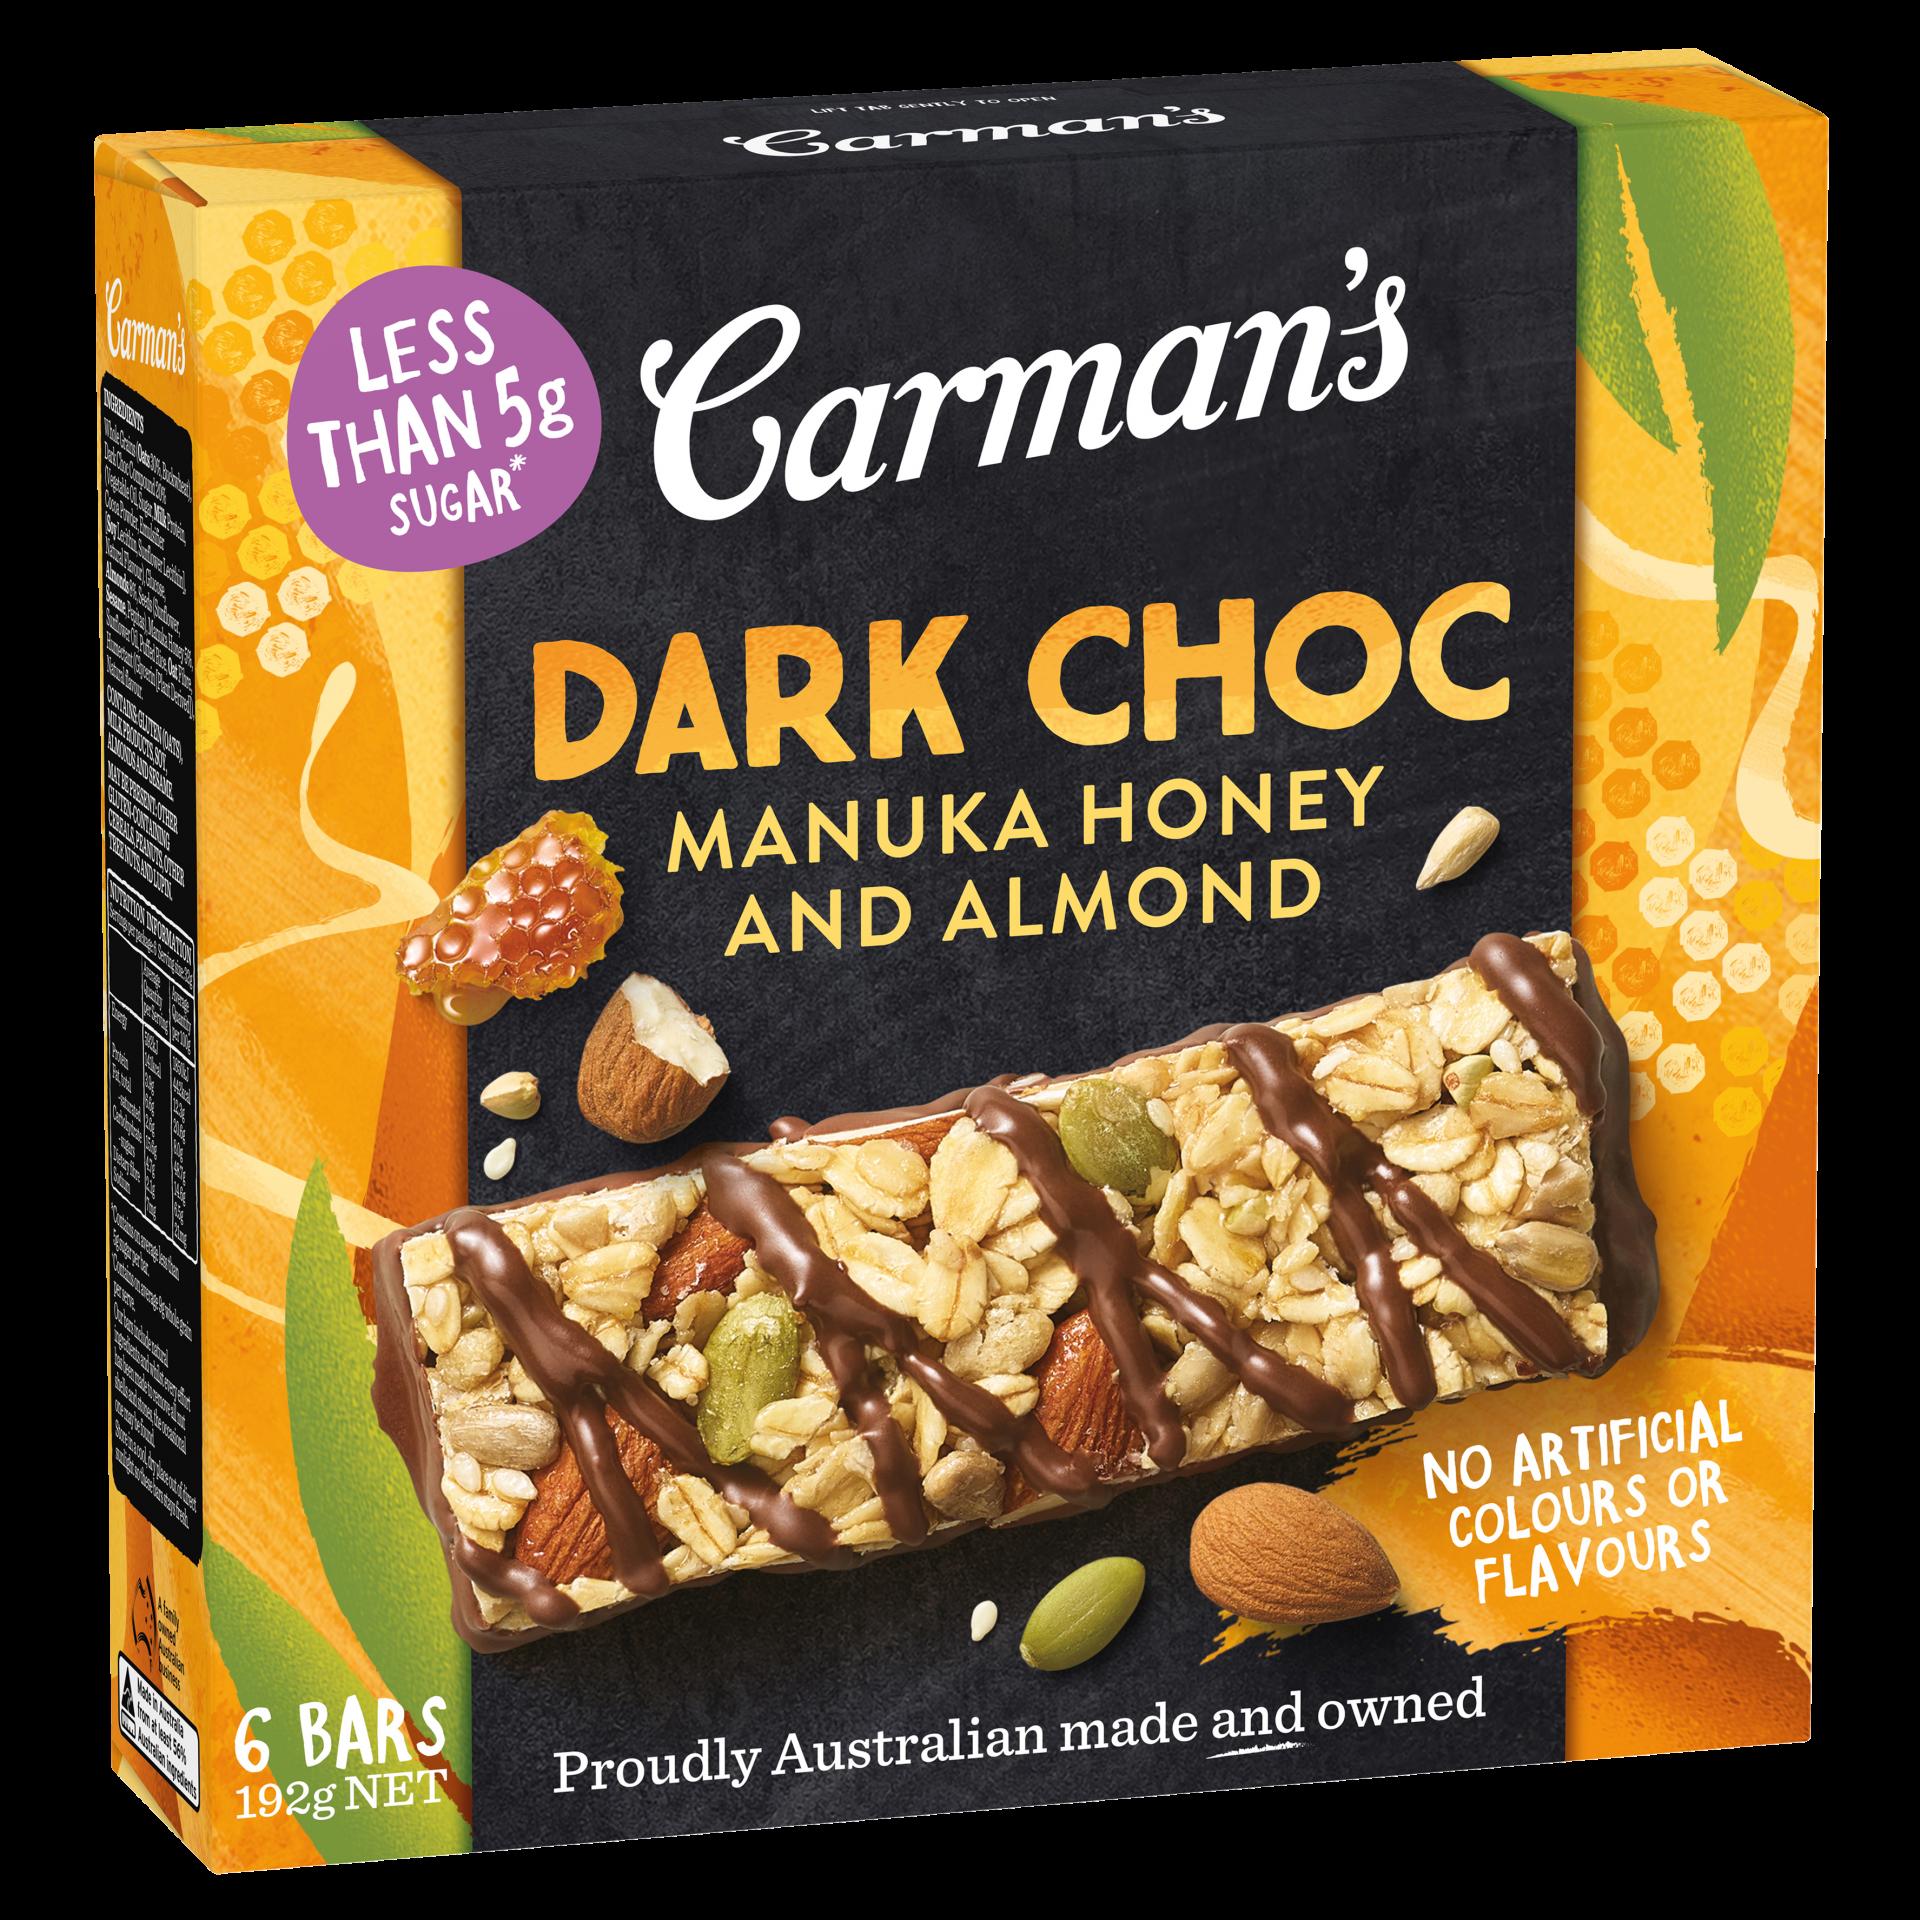 Dark Choc Manuka Honey and Almond Muesli Bars